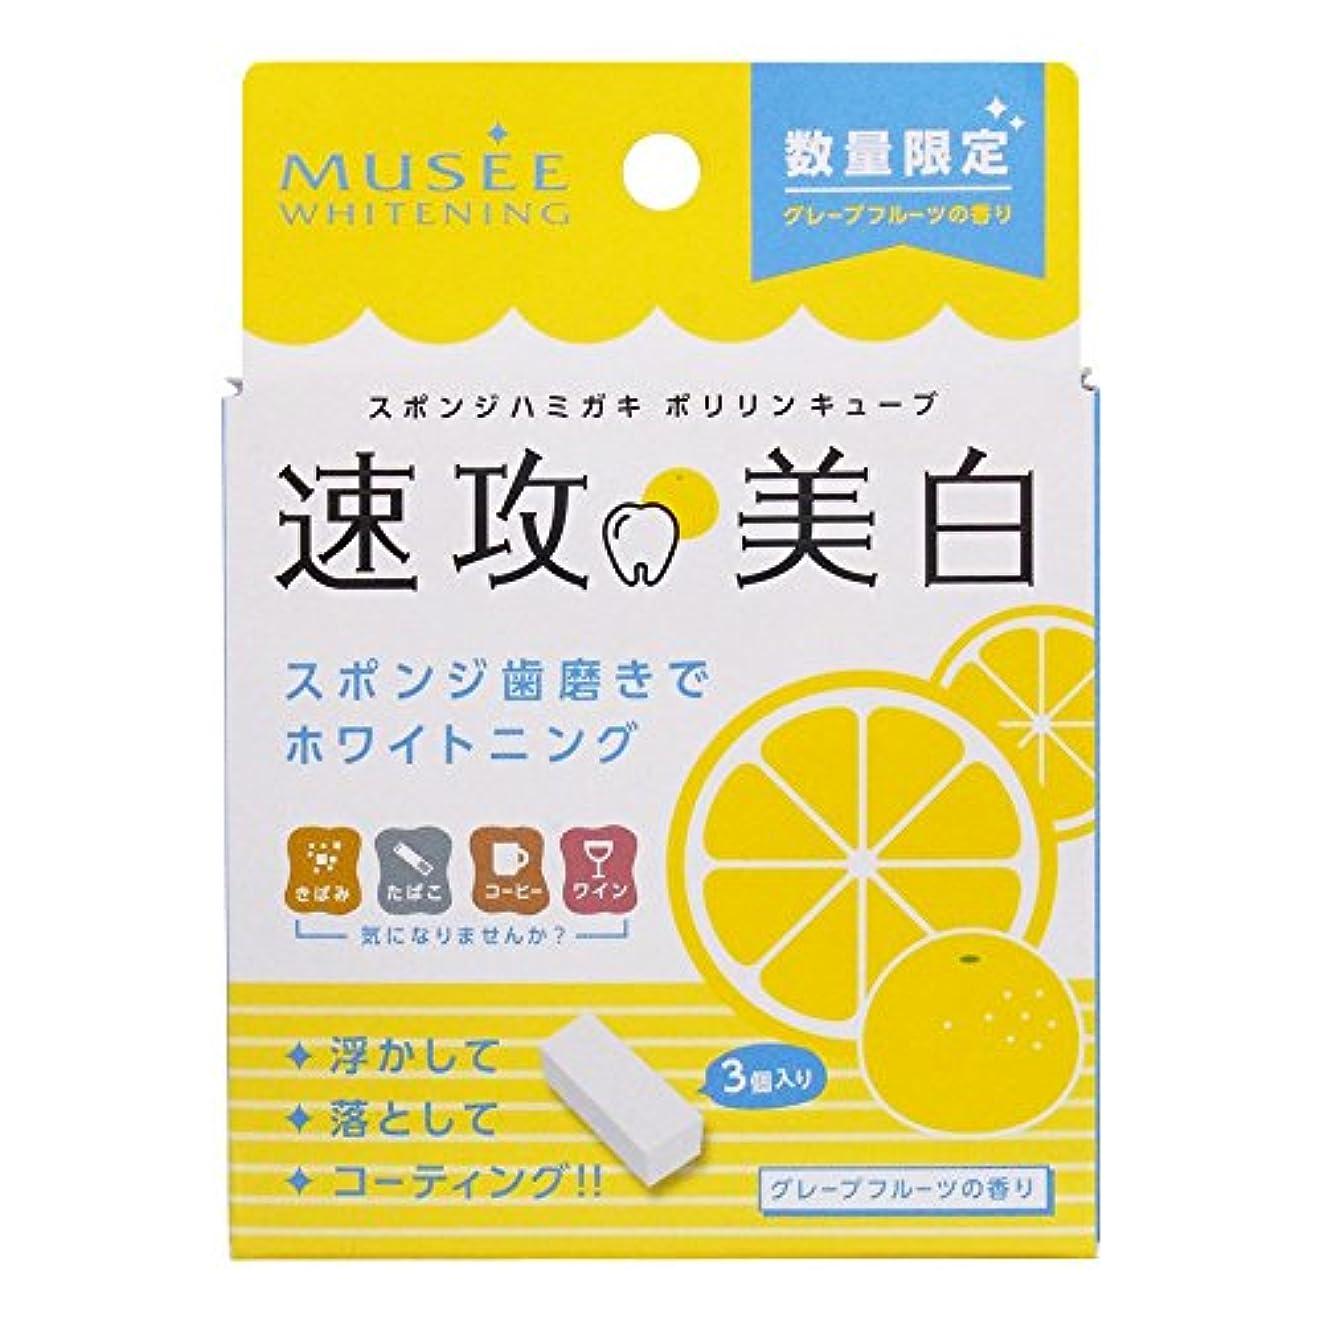 ハイランド強大なガソリンミュゼホワイトニング ポリリンキューブ グレープフルーツの香り (1回分×3包)